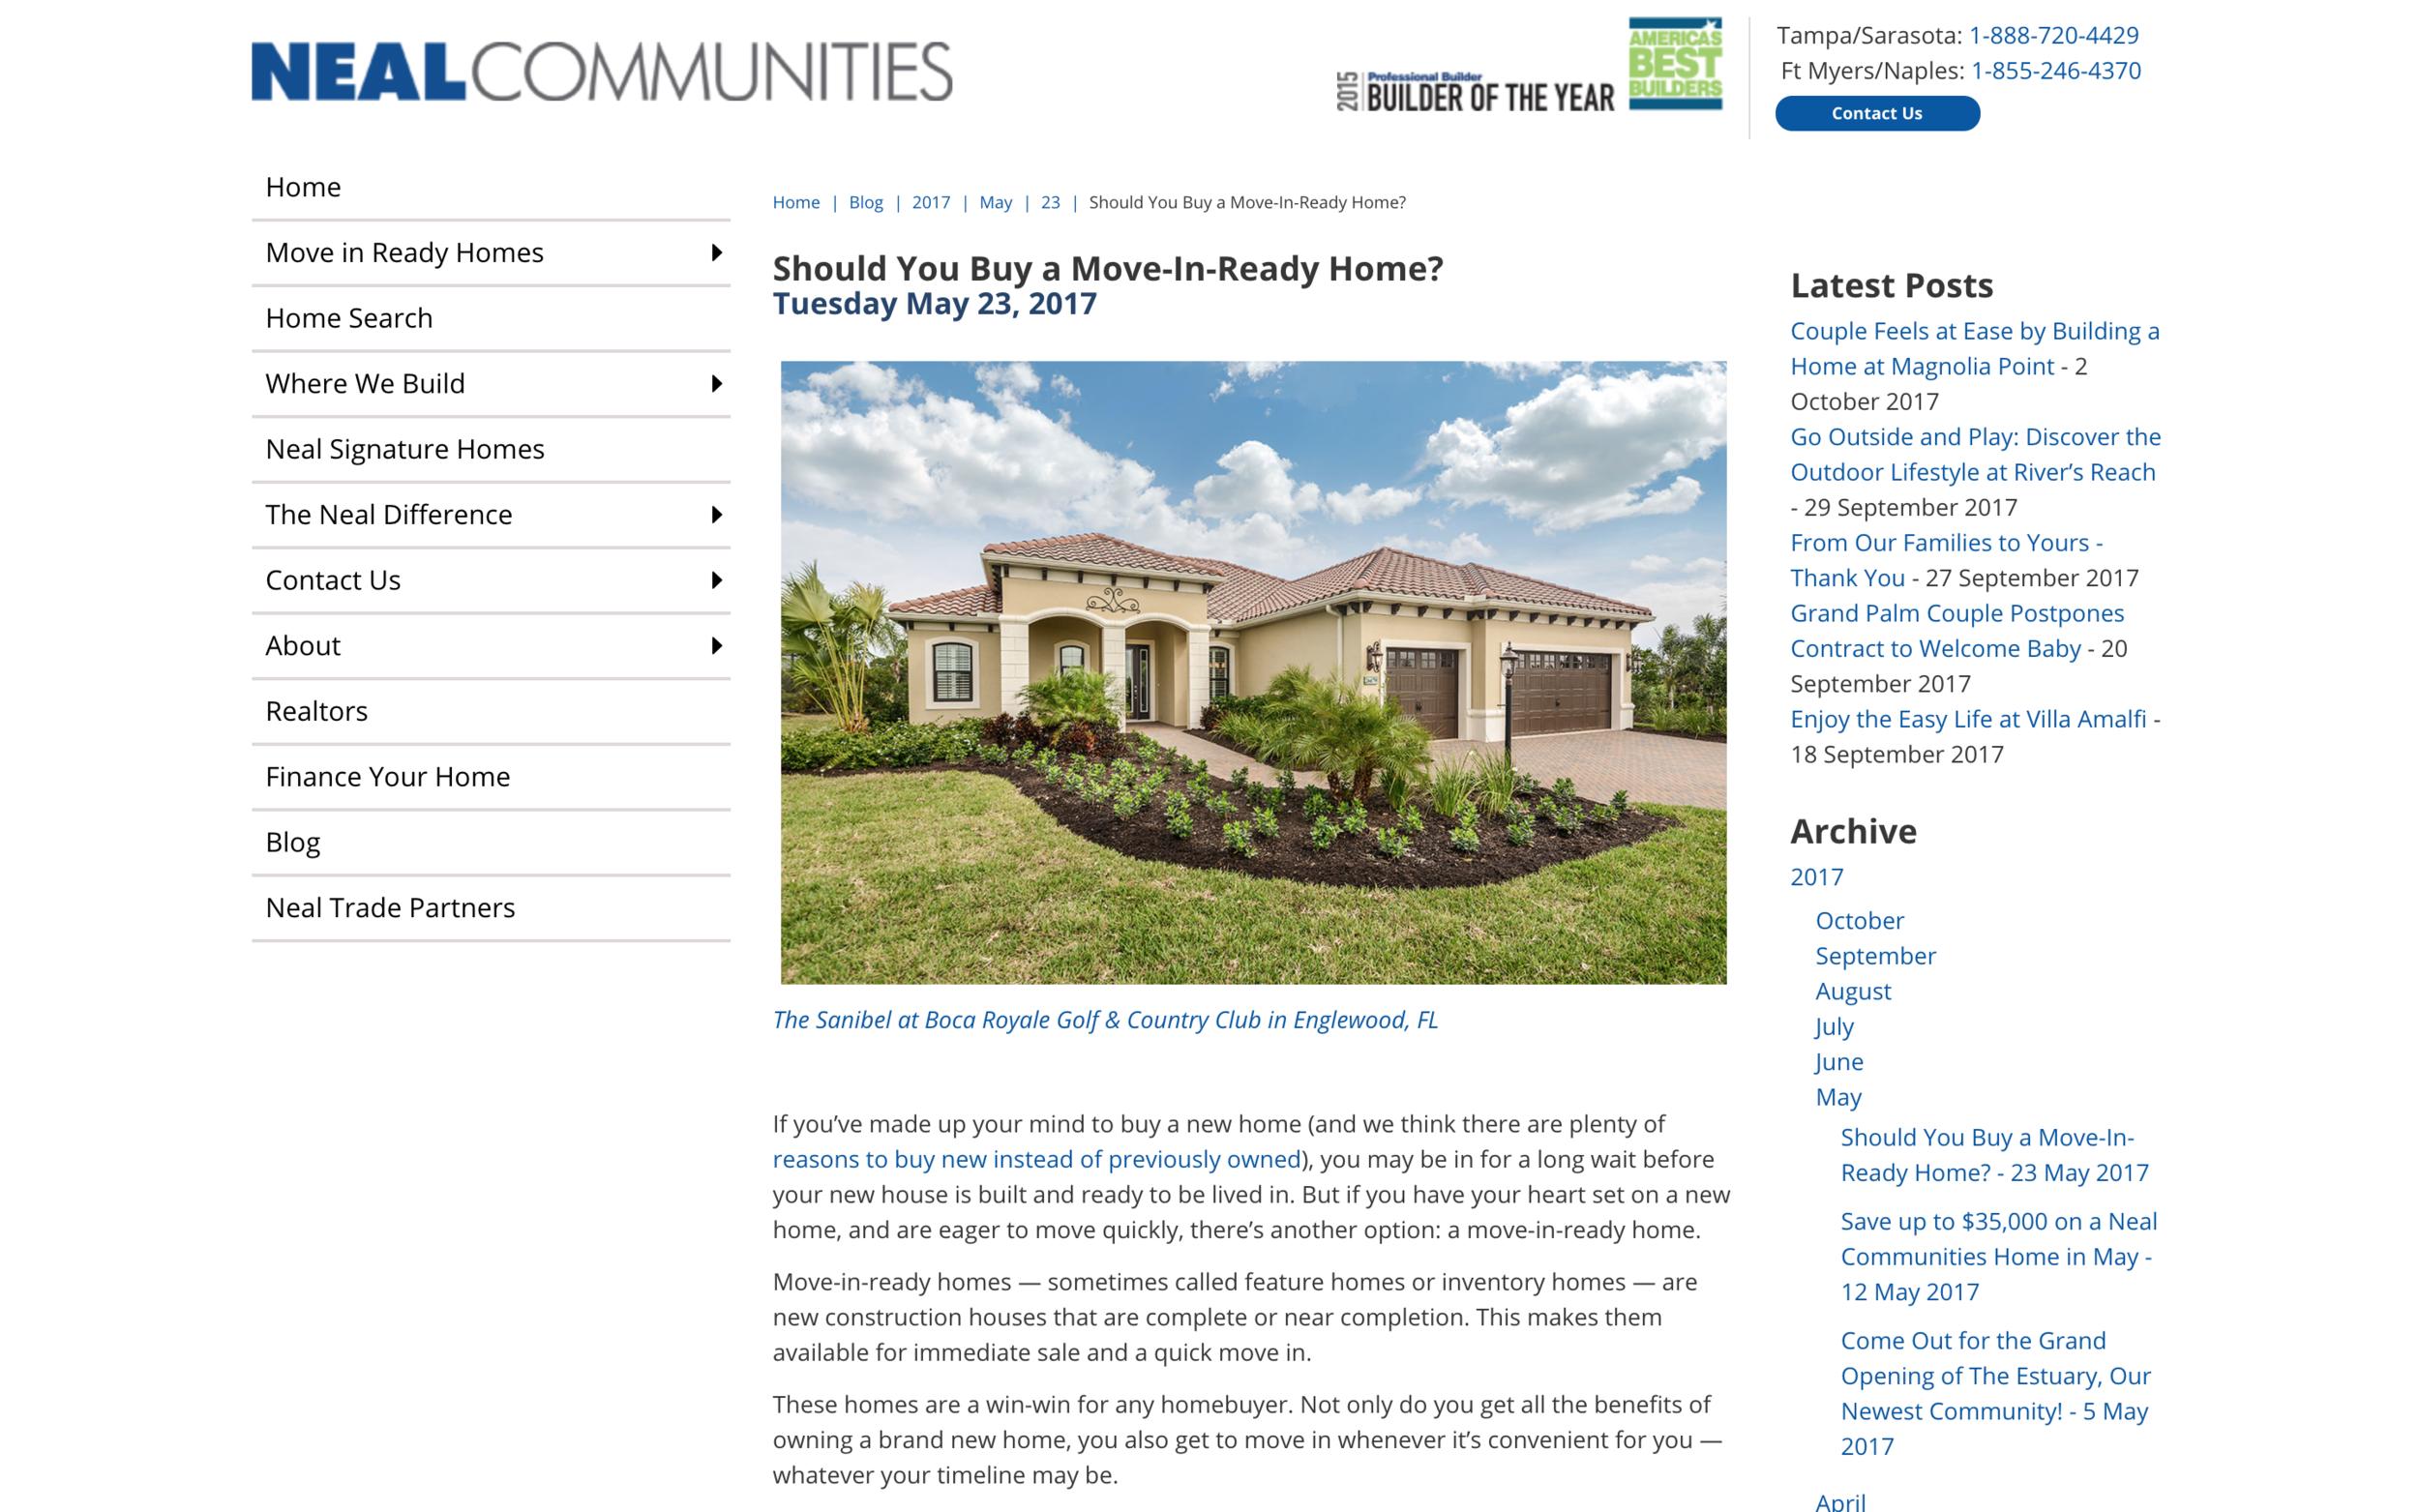 Neal Communities Blog